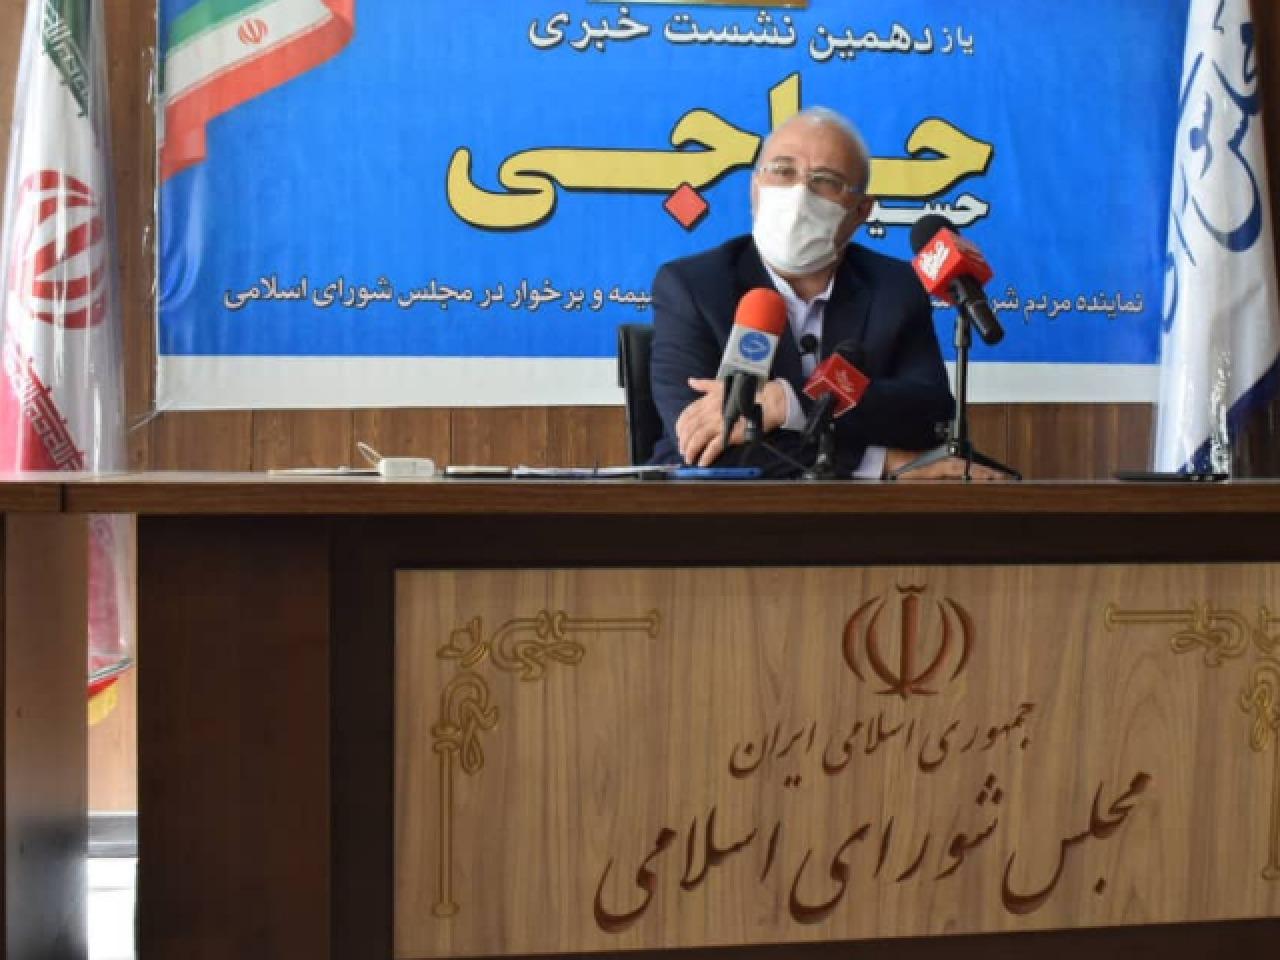 یازدهمین نشست خبری آقای حاجی با حضور اصحاب رسانه صبح امروز برگزار شد